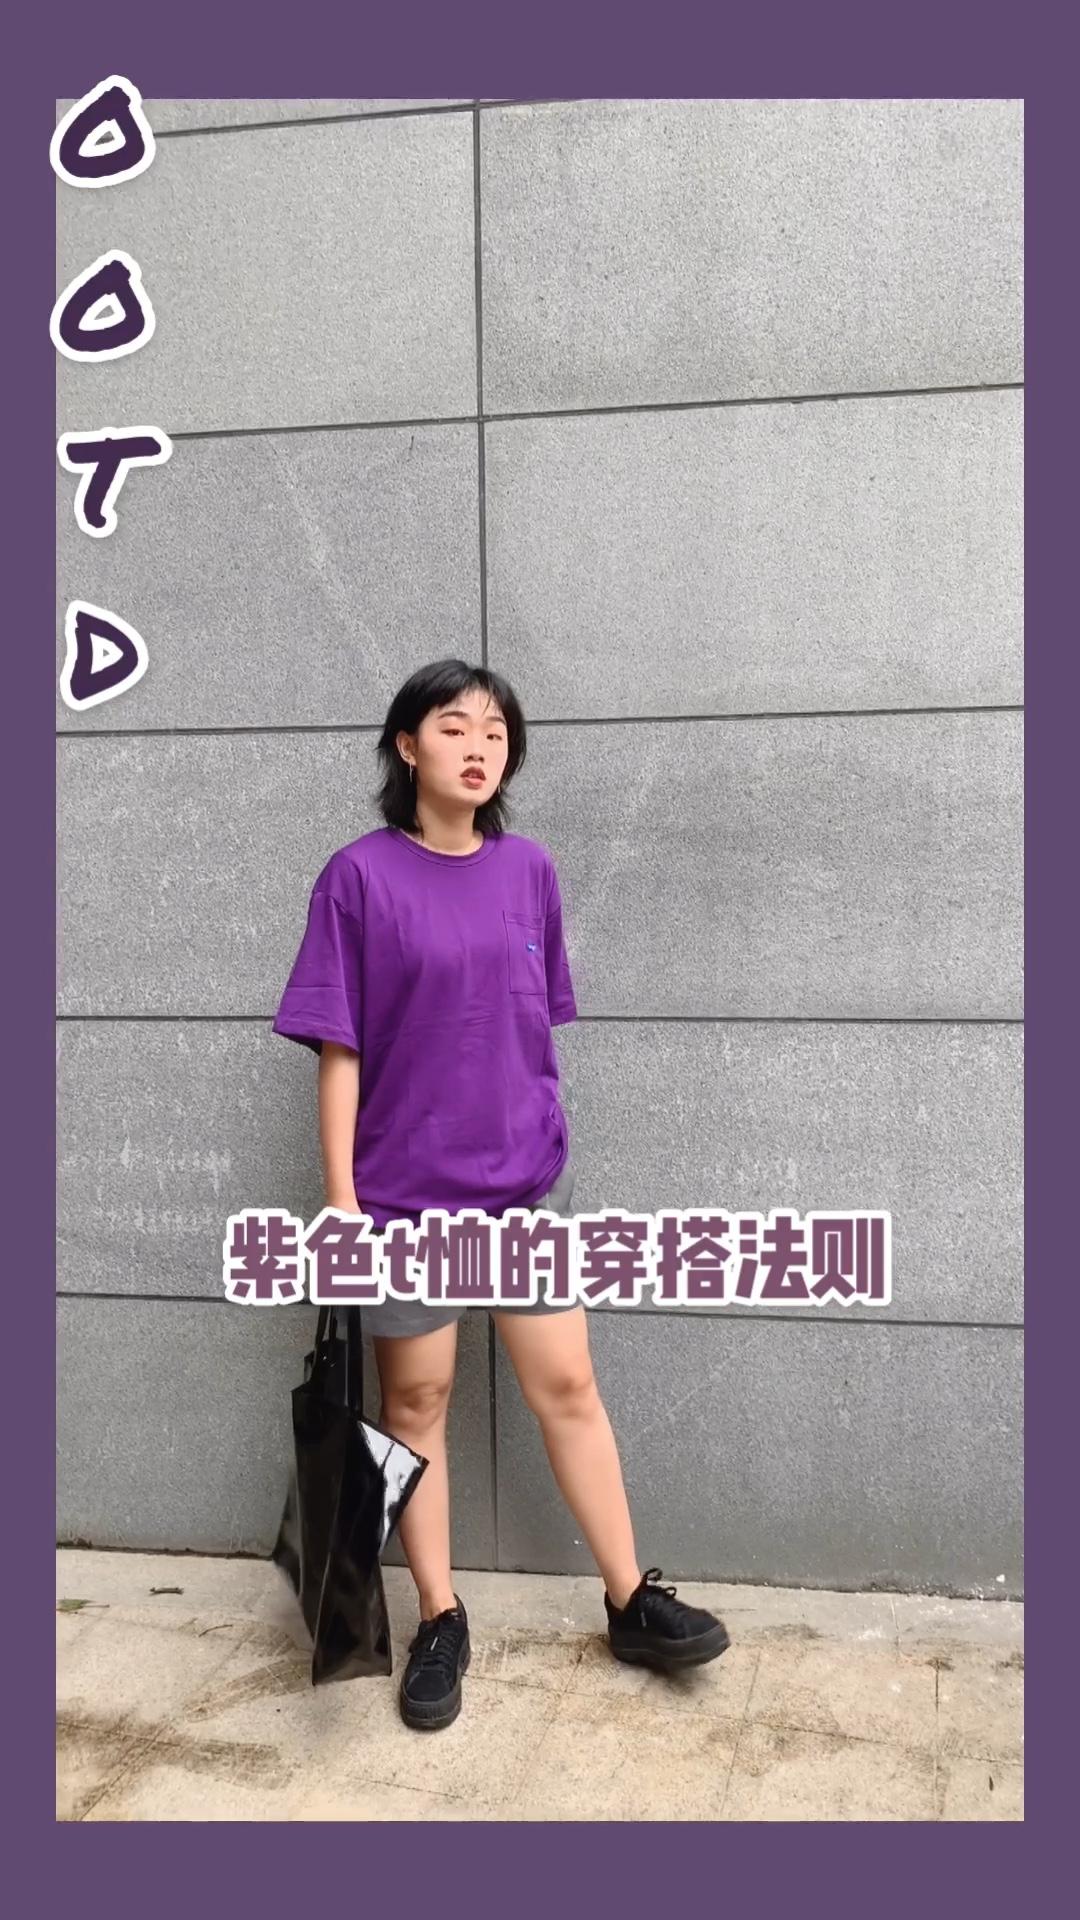 简约好看的出门搭配~ 紫色t今年没有绿色t火~但是颜色和版型都非常好看哦!  #解锁101种秋日搭配技能#